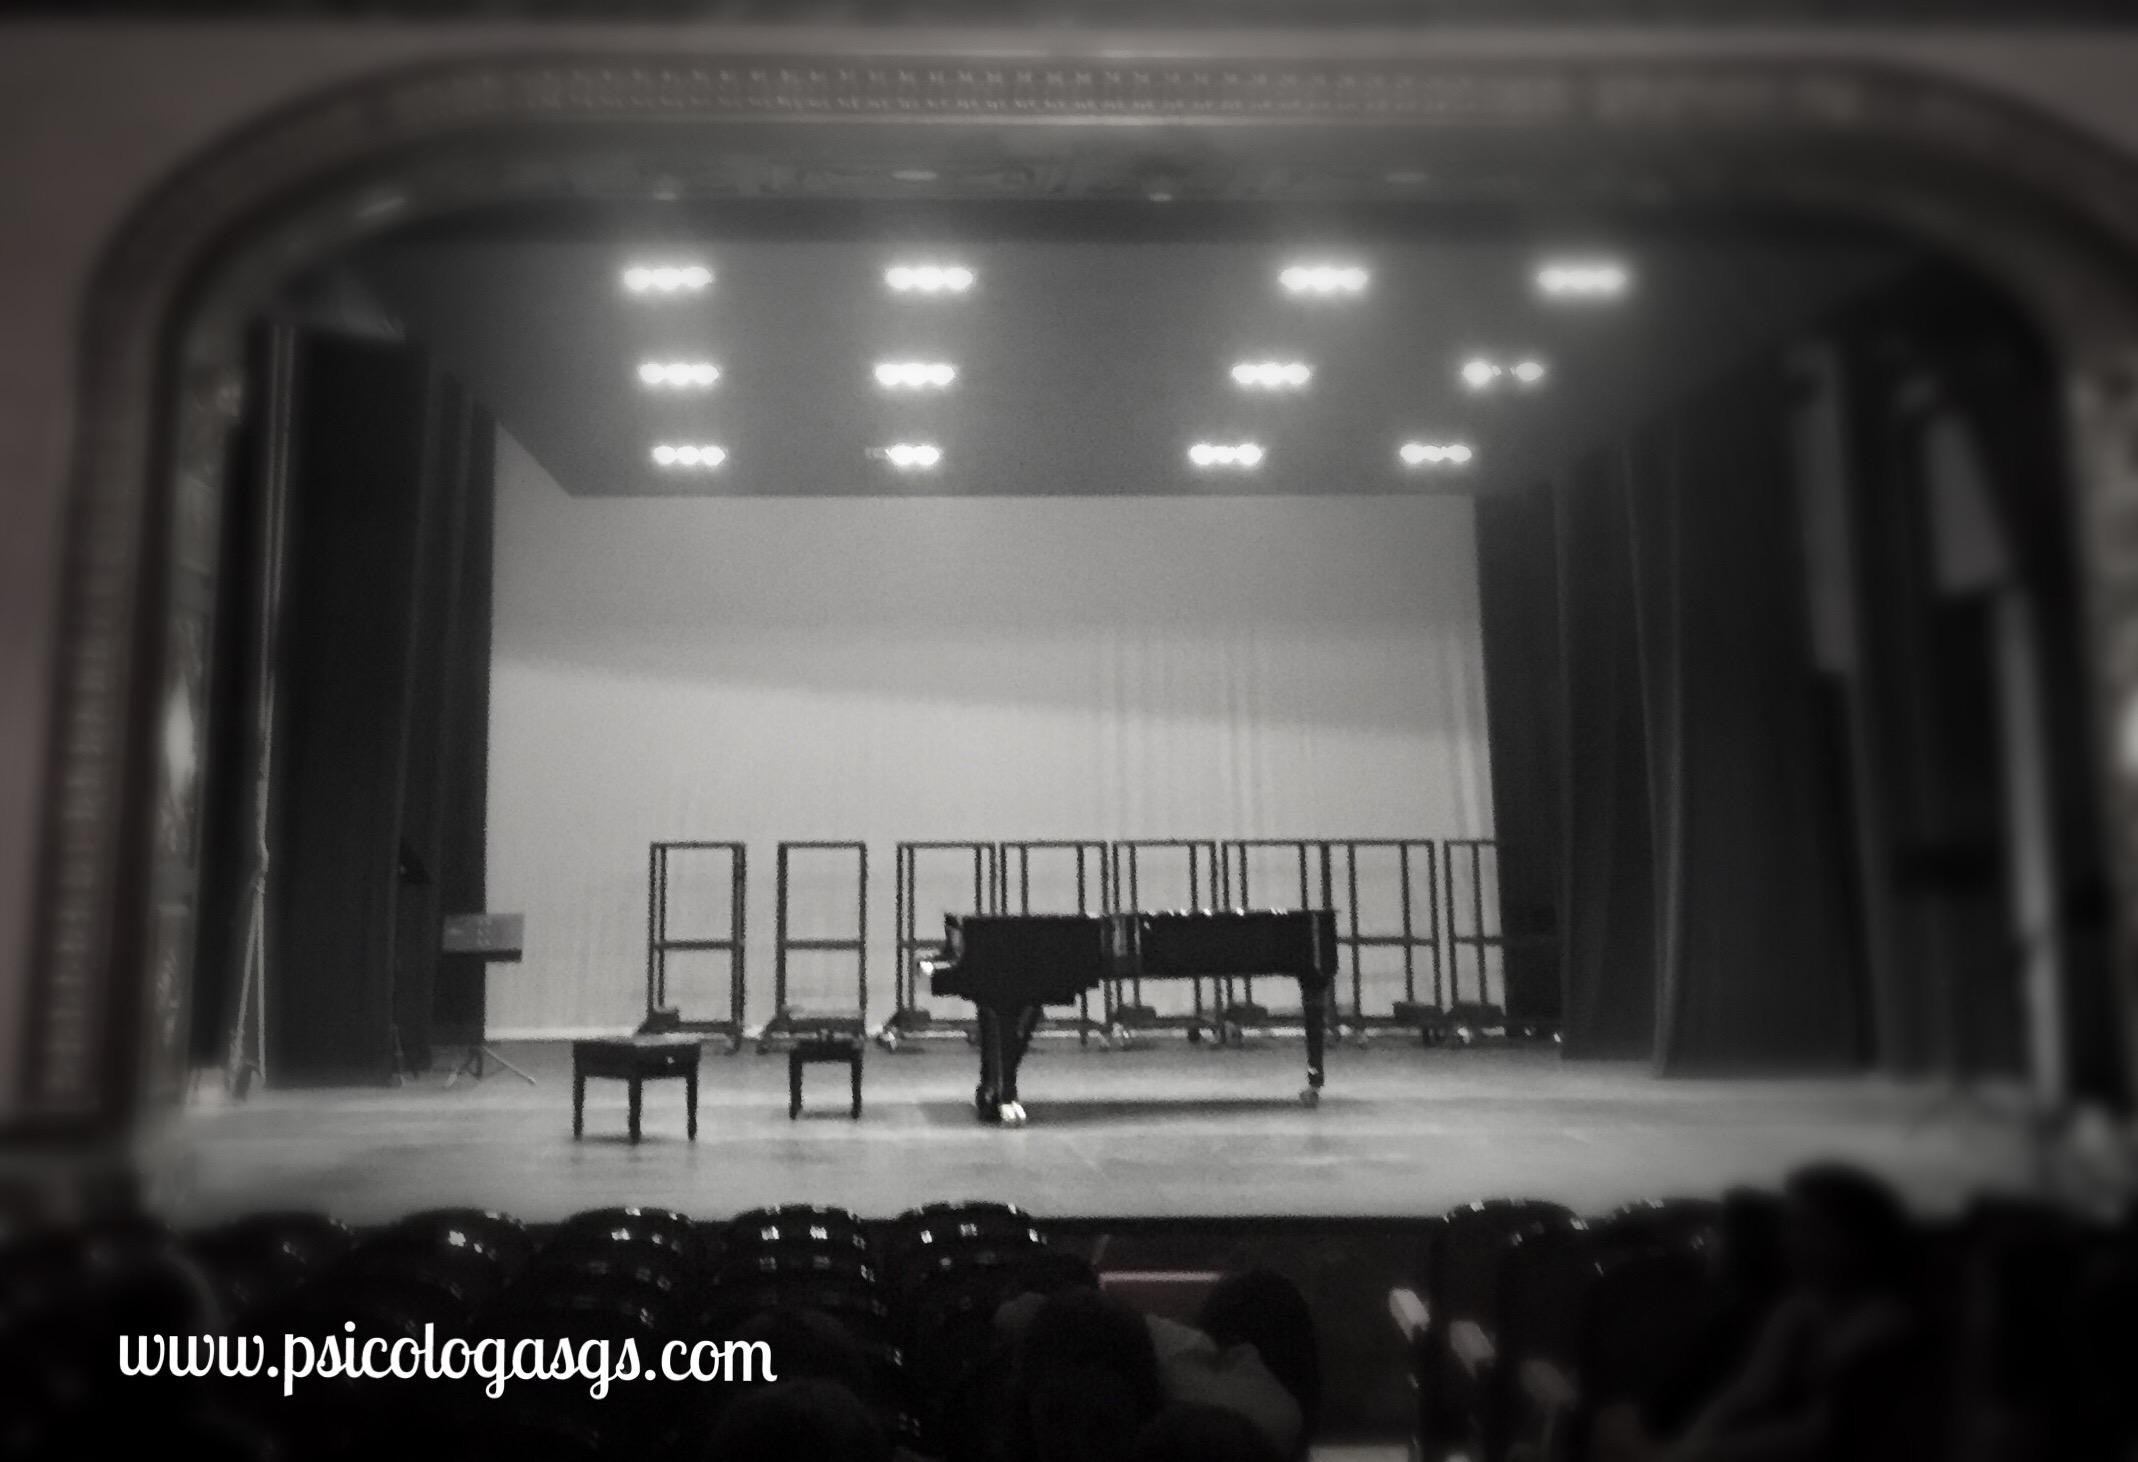 Miedo escénico al subirse a un escenario